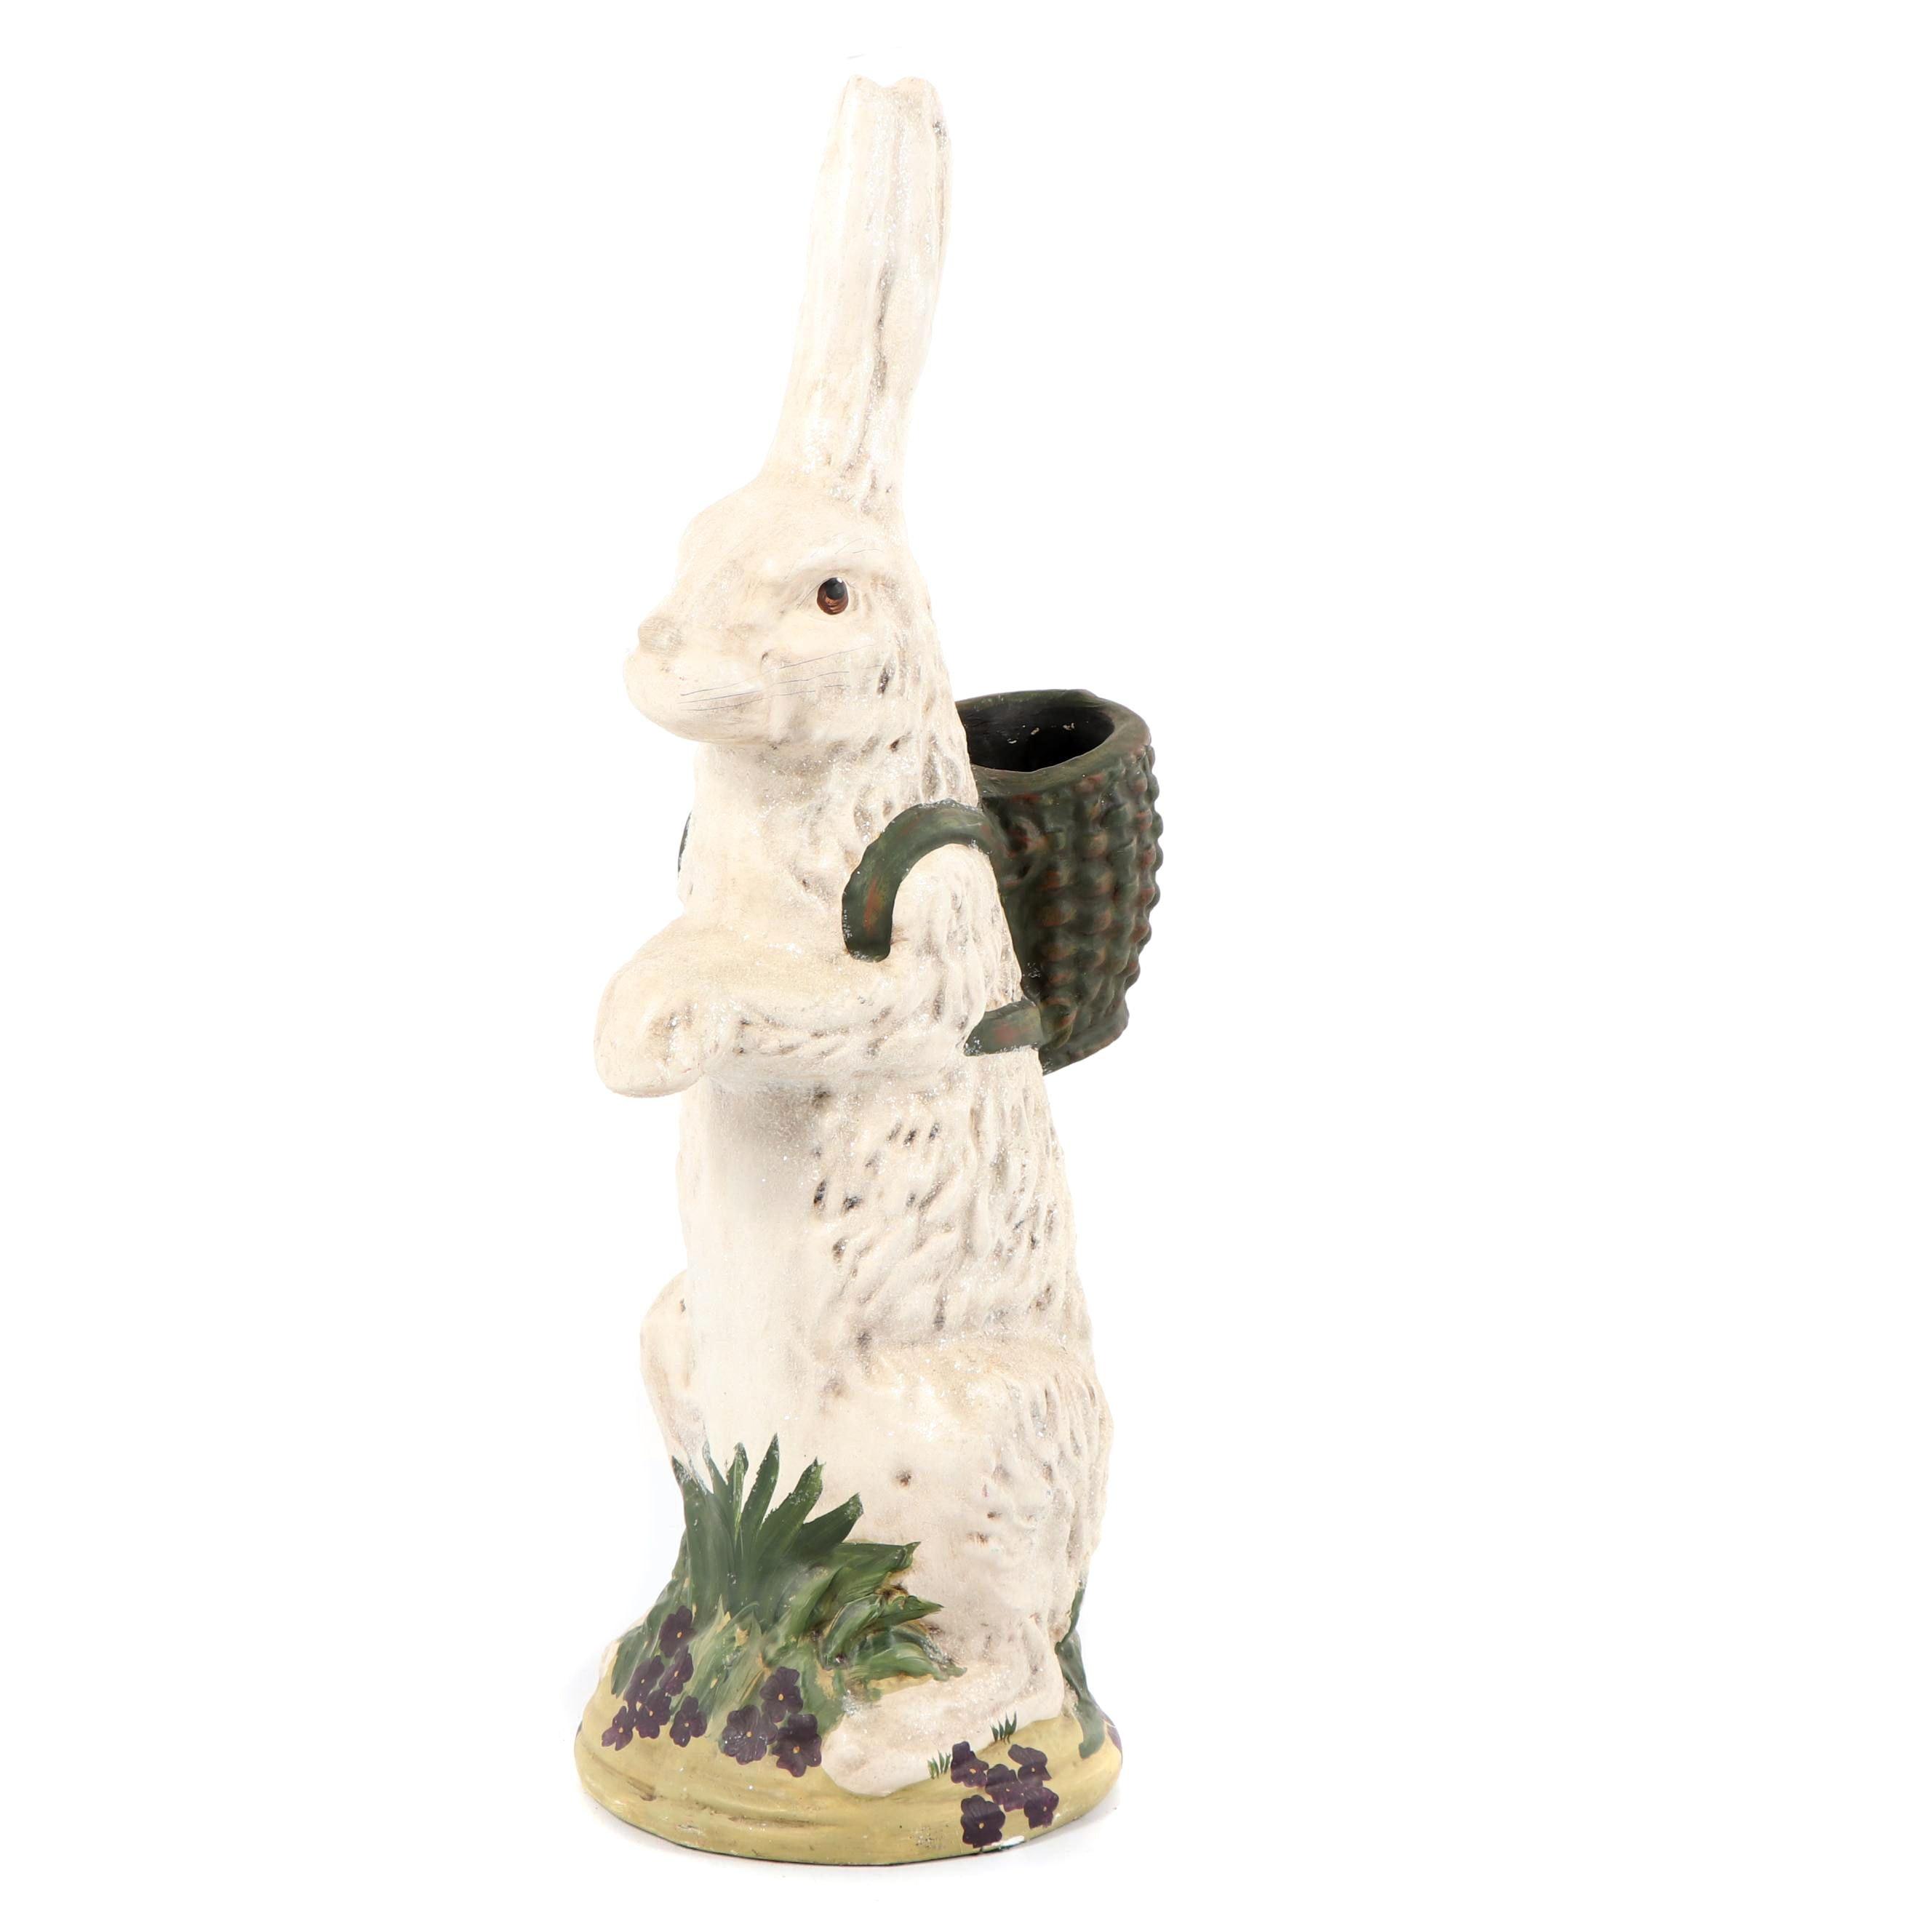 Ceramic Rabbit Planter